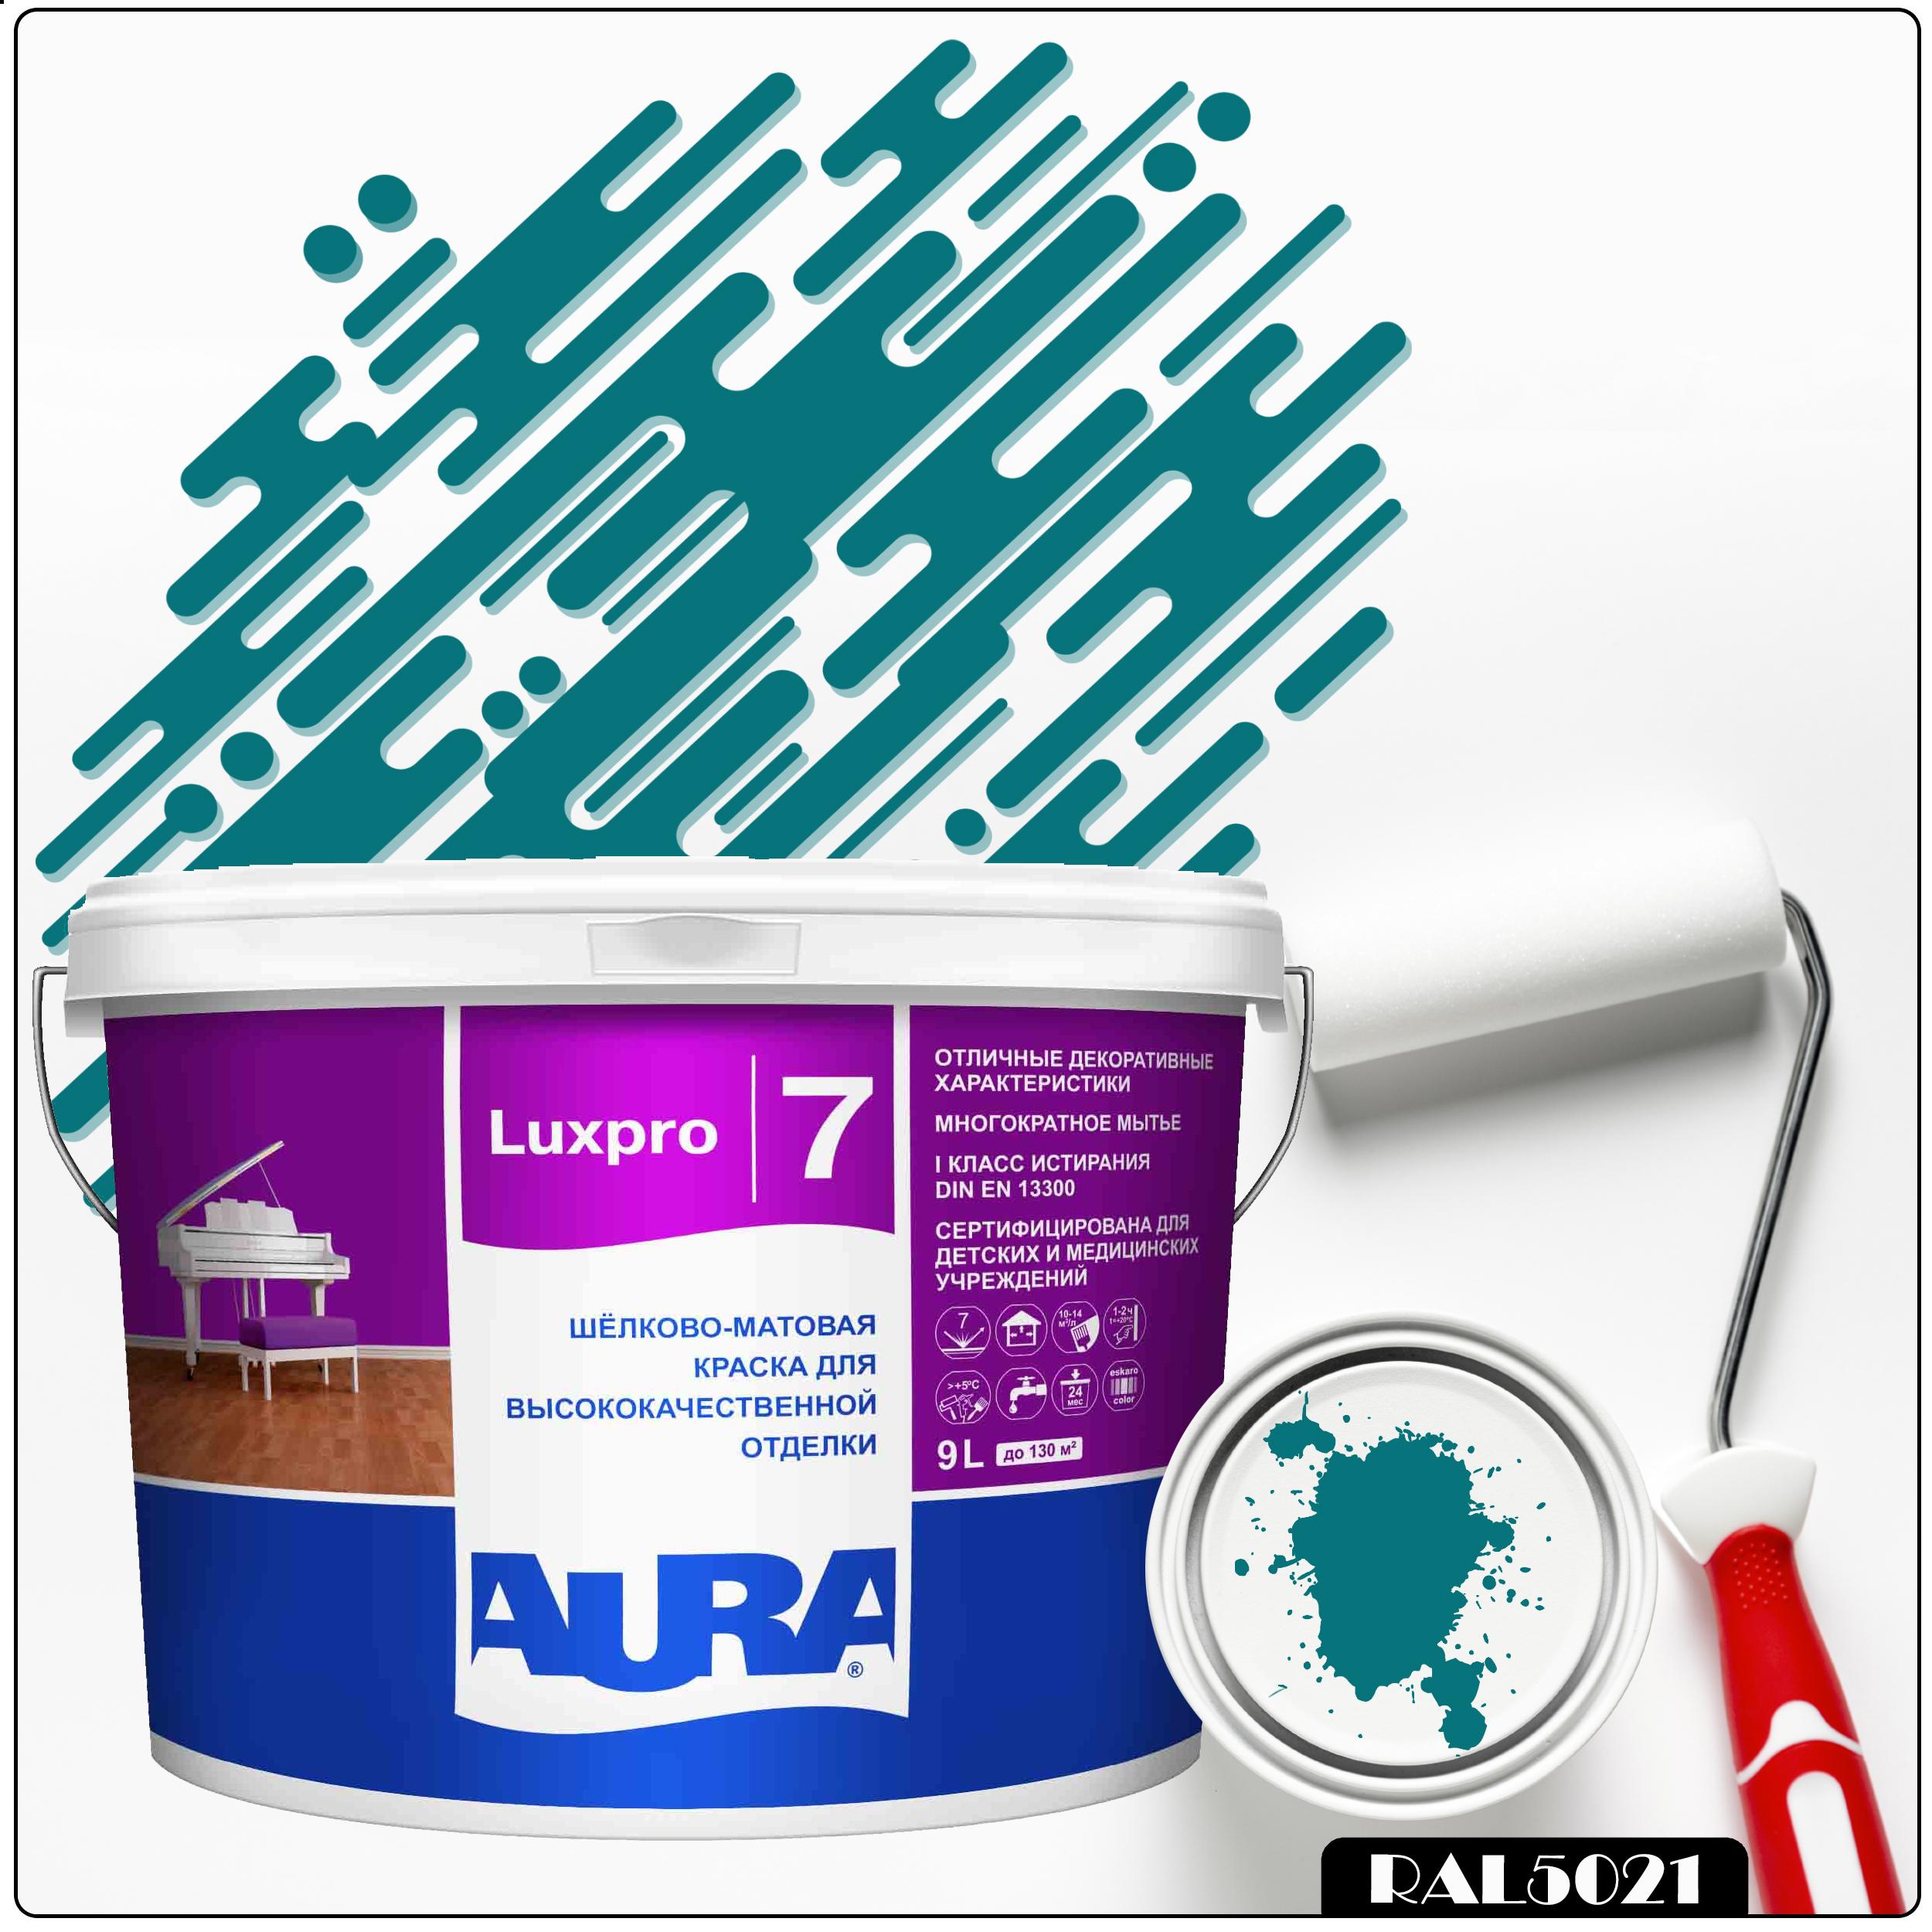 Фото 20 - Краска Aura LuxPRO 7, RAL 5021 Водянисто-синий, латексная, шелково-матовая, интерьерная, 9л, Аура.